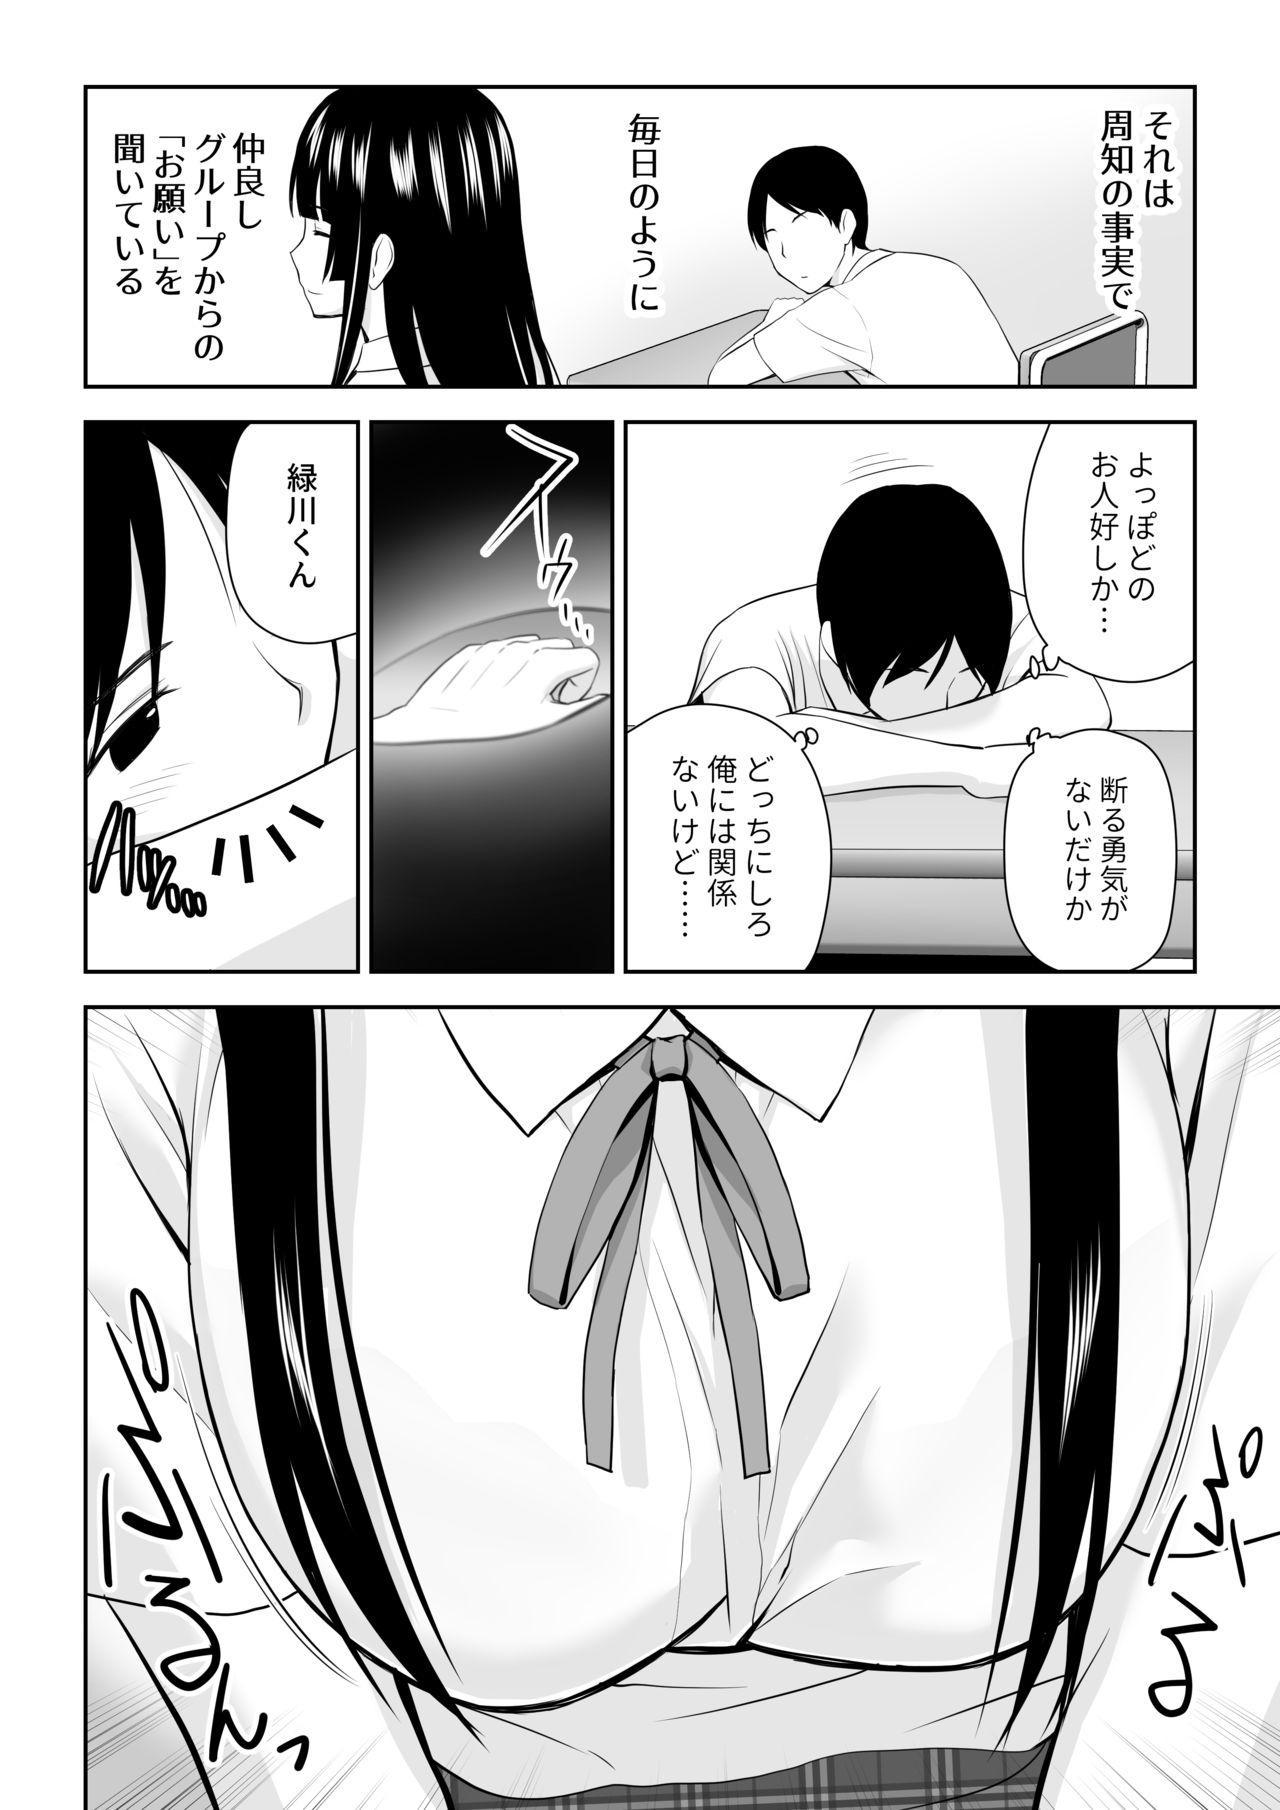 Suzushiro-san wa Onegai ni Yowai 4